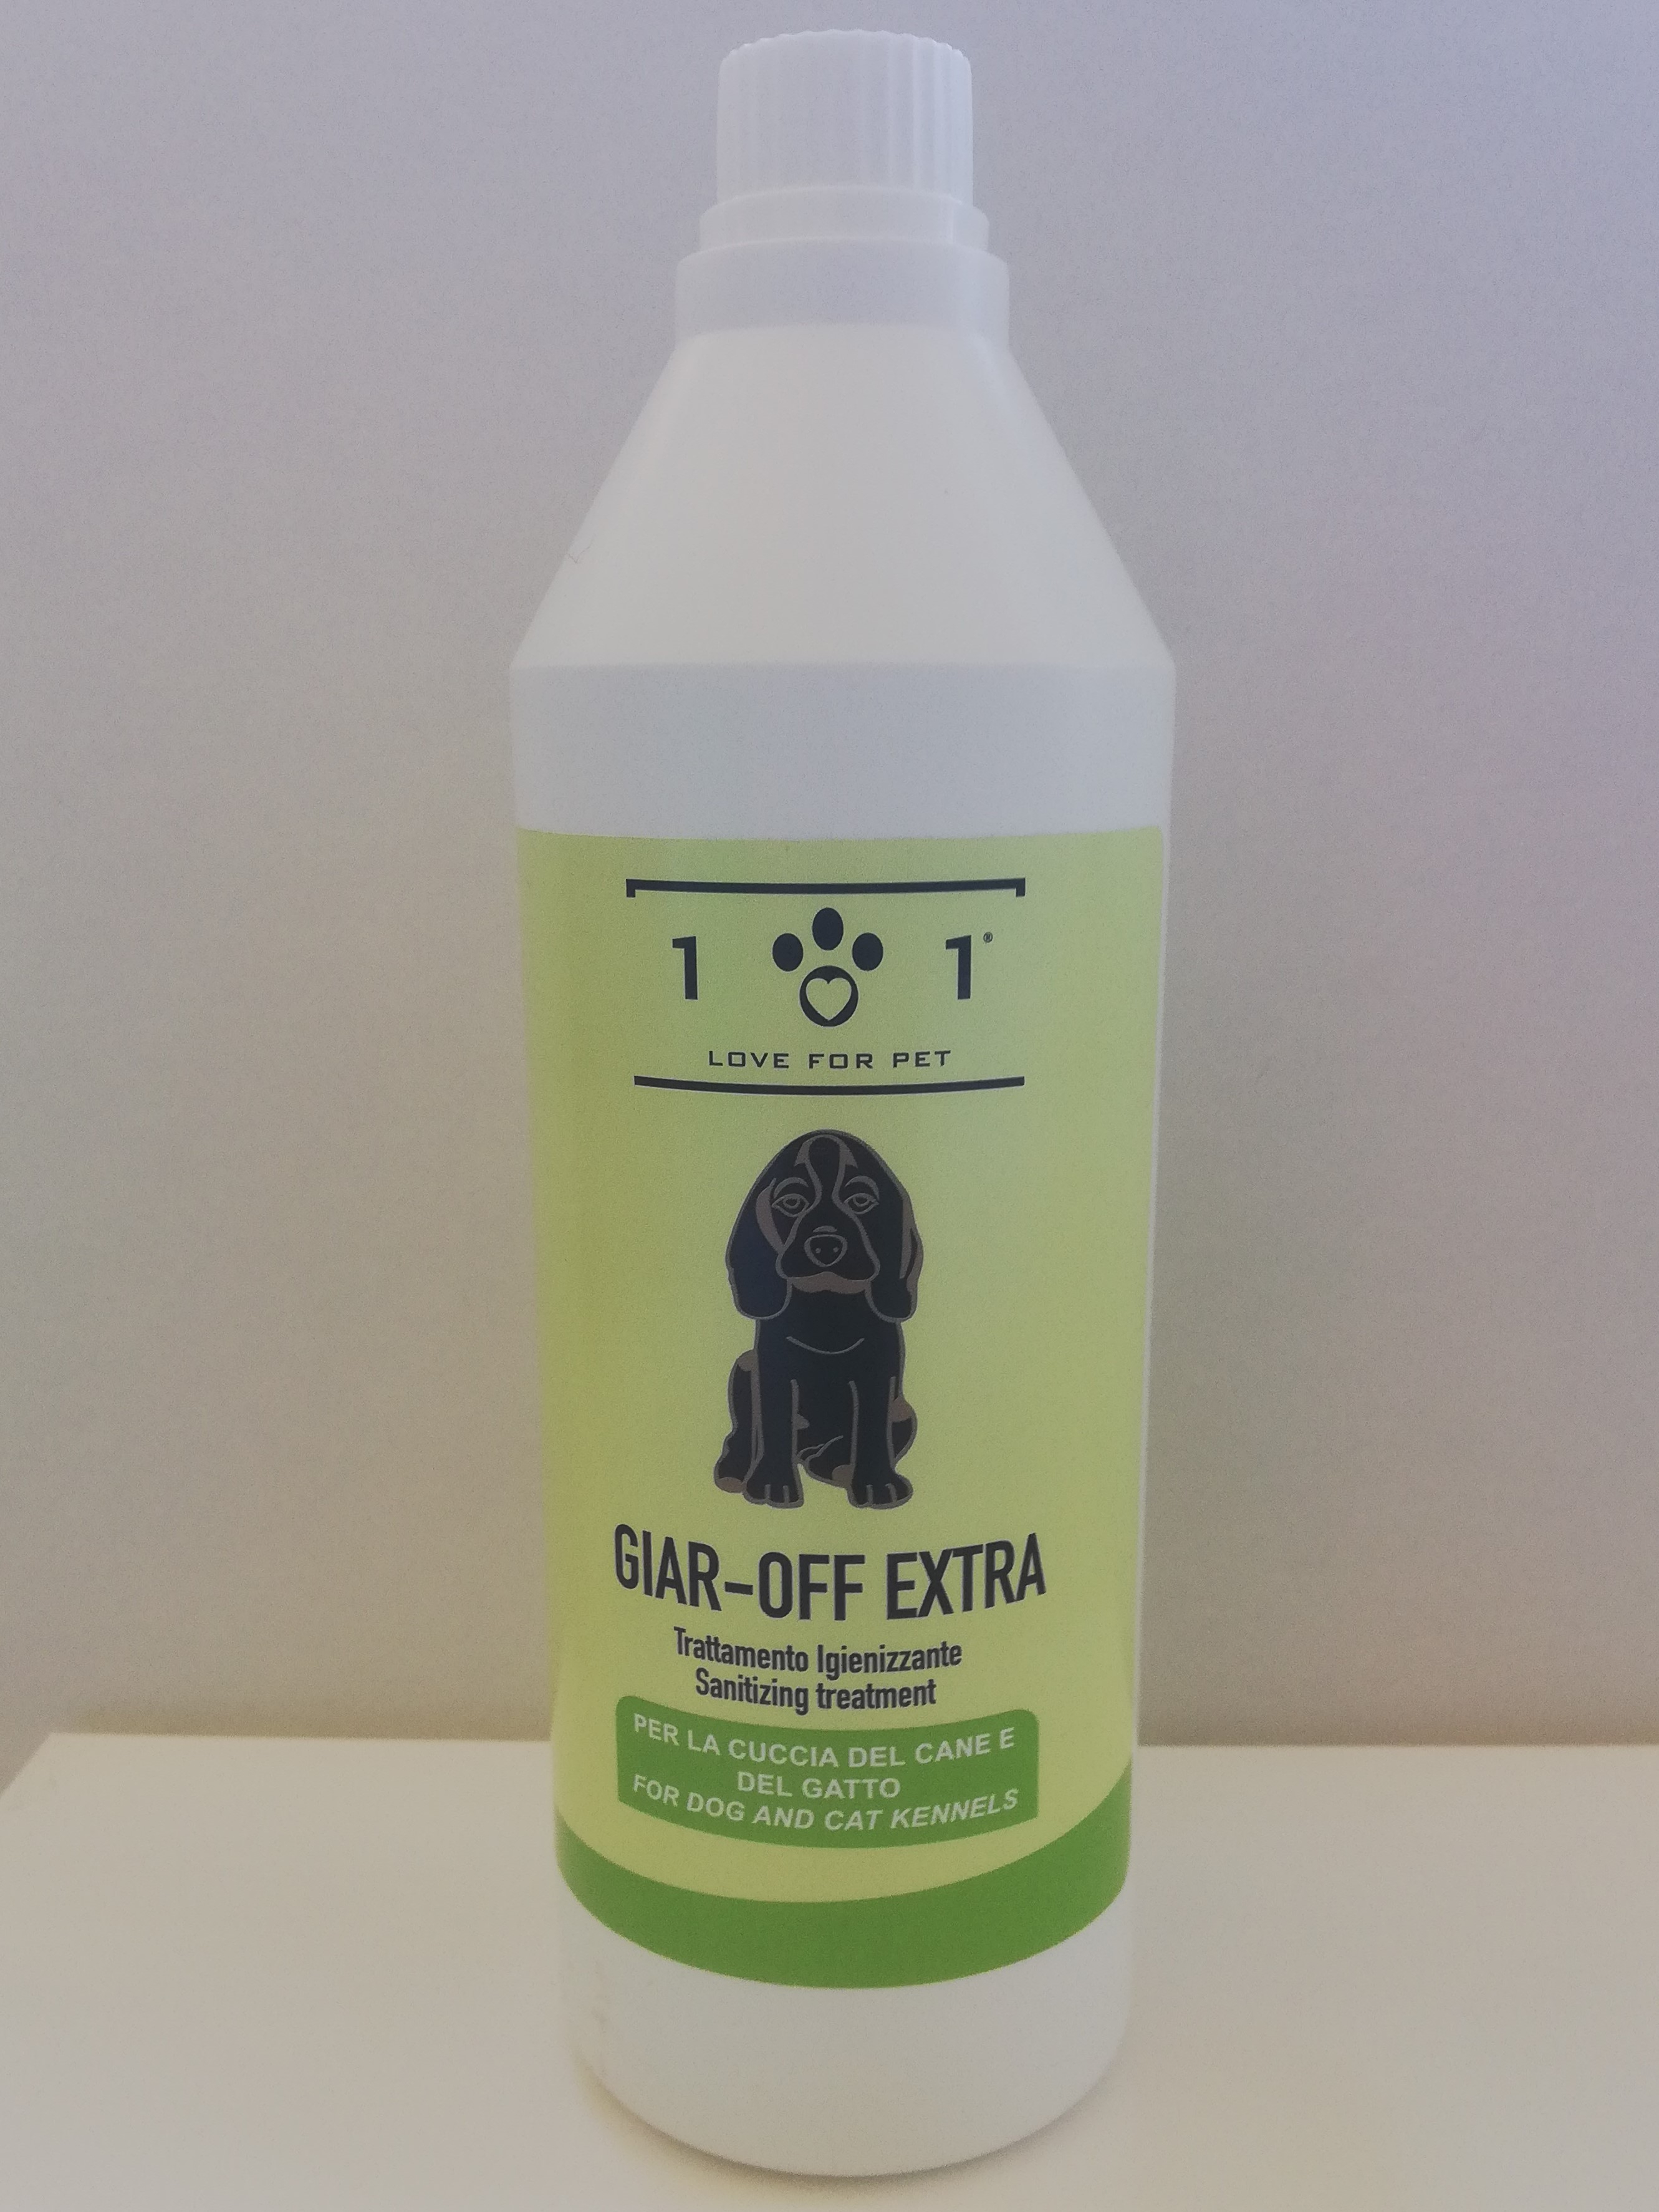 Giar- Off EXTRA